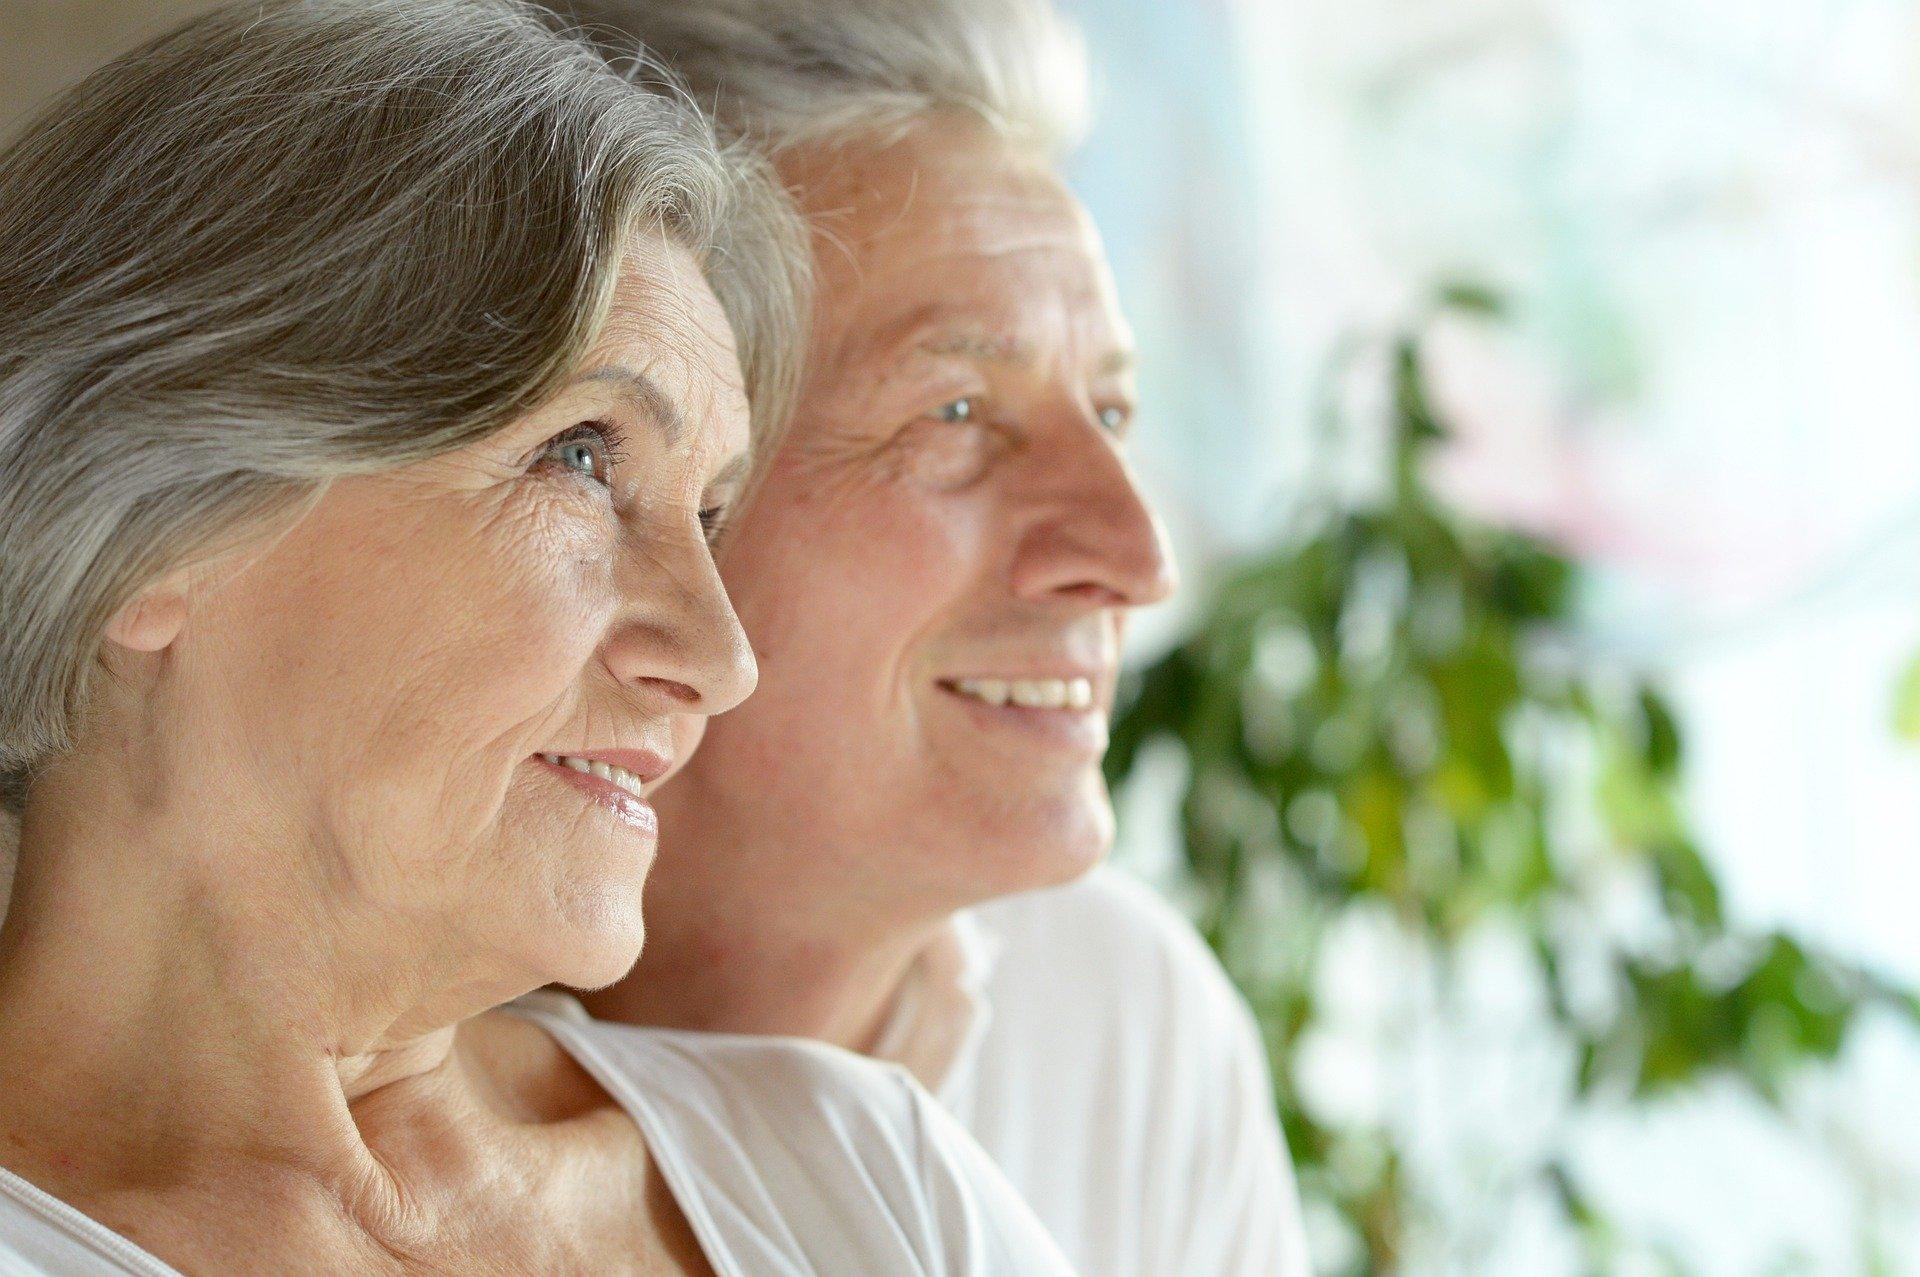 Na Pomorzu mamy więcej babć niż dziadków. Co jeszcze wiadomo o pomorskich seniorach? [INFOGRAFIKA]